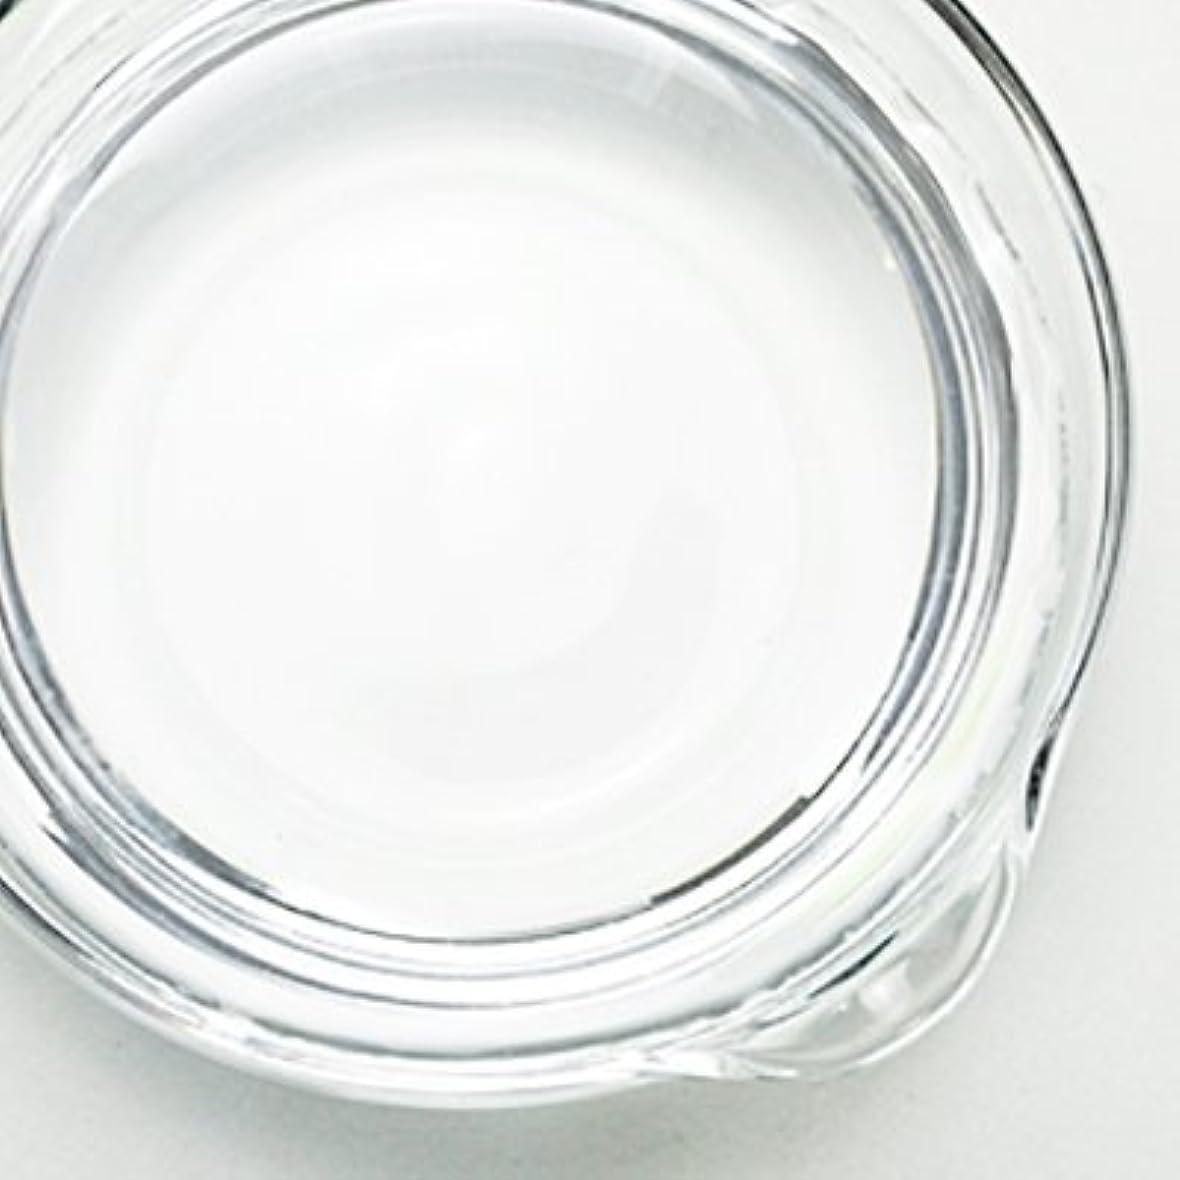 不道徳目指すボイラー1,3-プロパンジオール[PG] 100ml 【手作り石鹸/手作りコスメ】